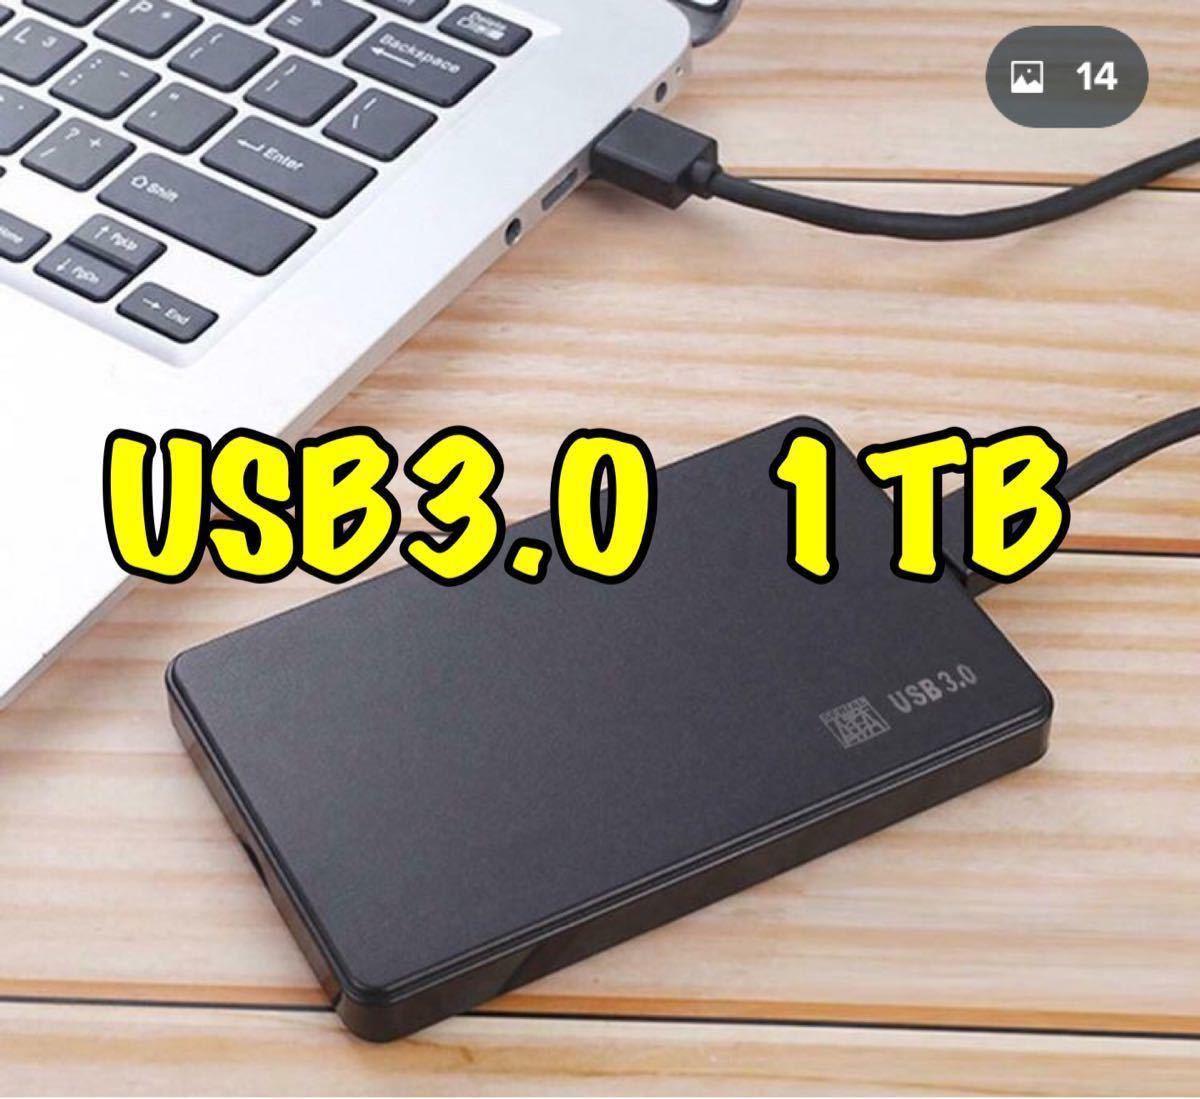 東芝 1TB HDD USB3.0 外付 ポータブル ハードディスク 2.5 ケース新品 検査済 電源不要 バスパワー